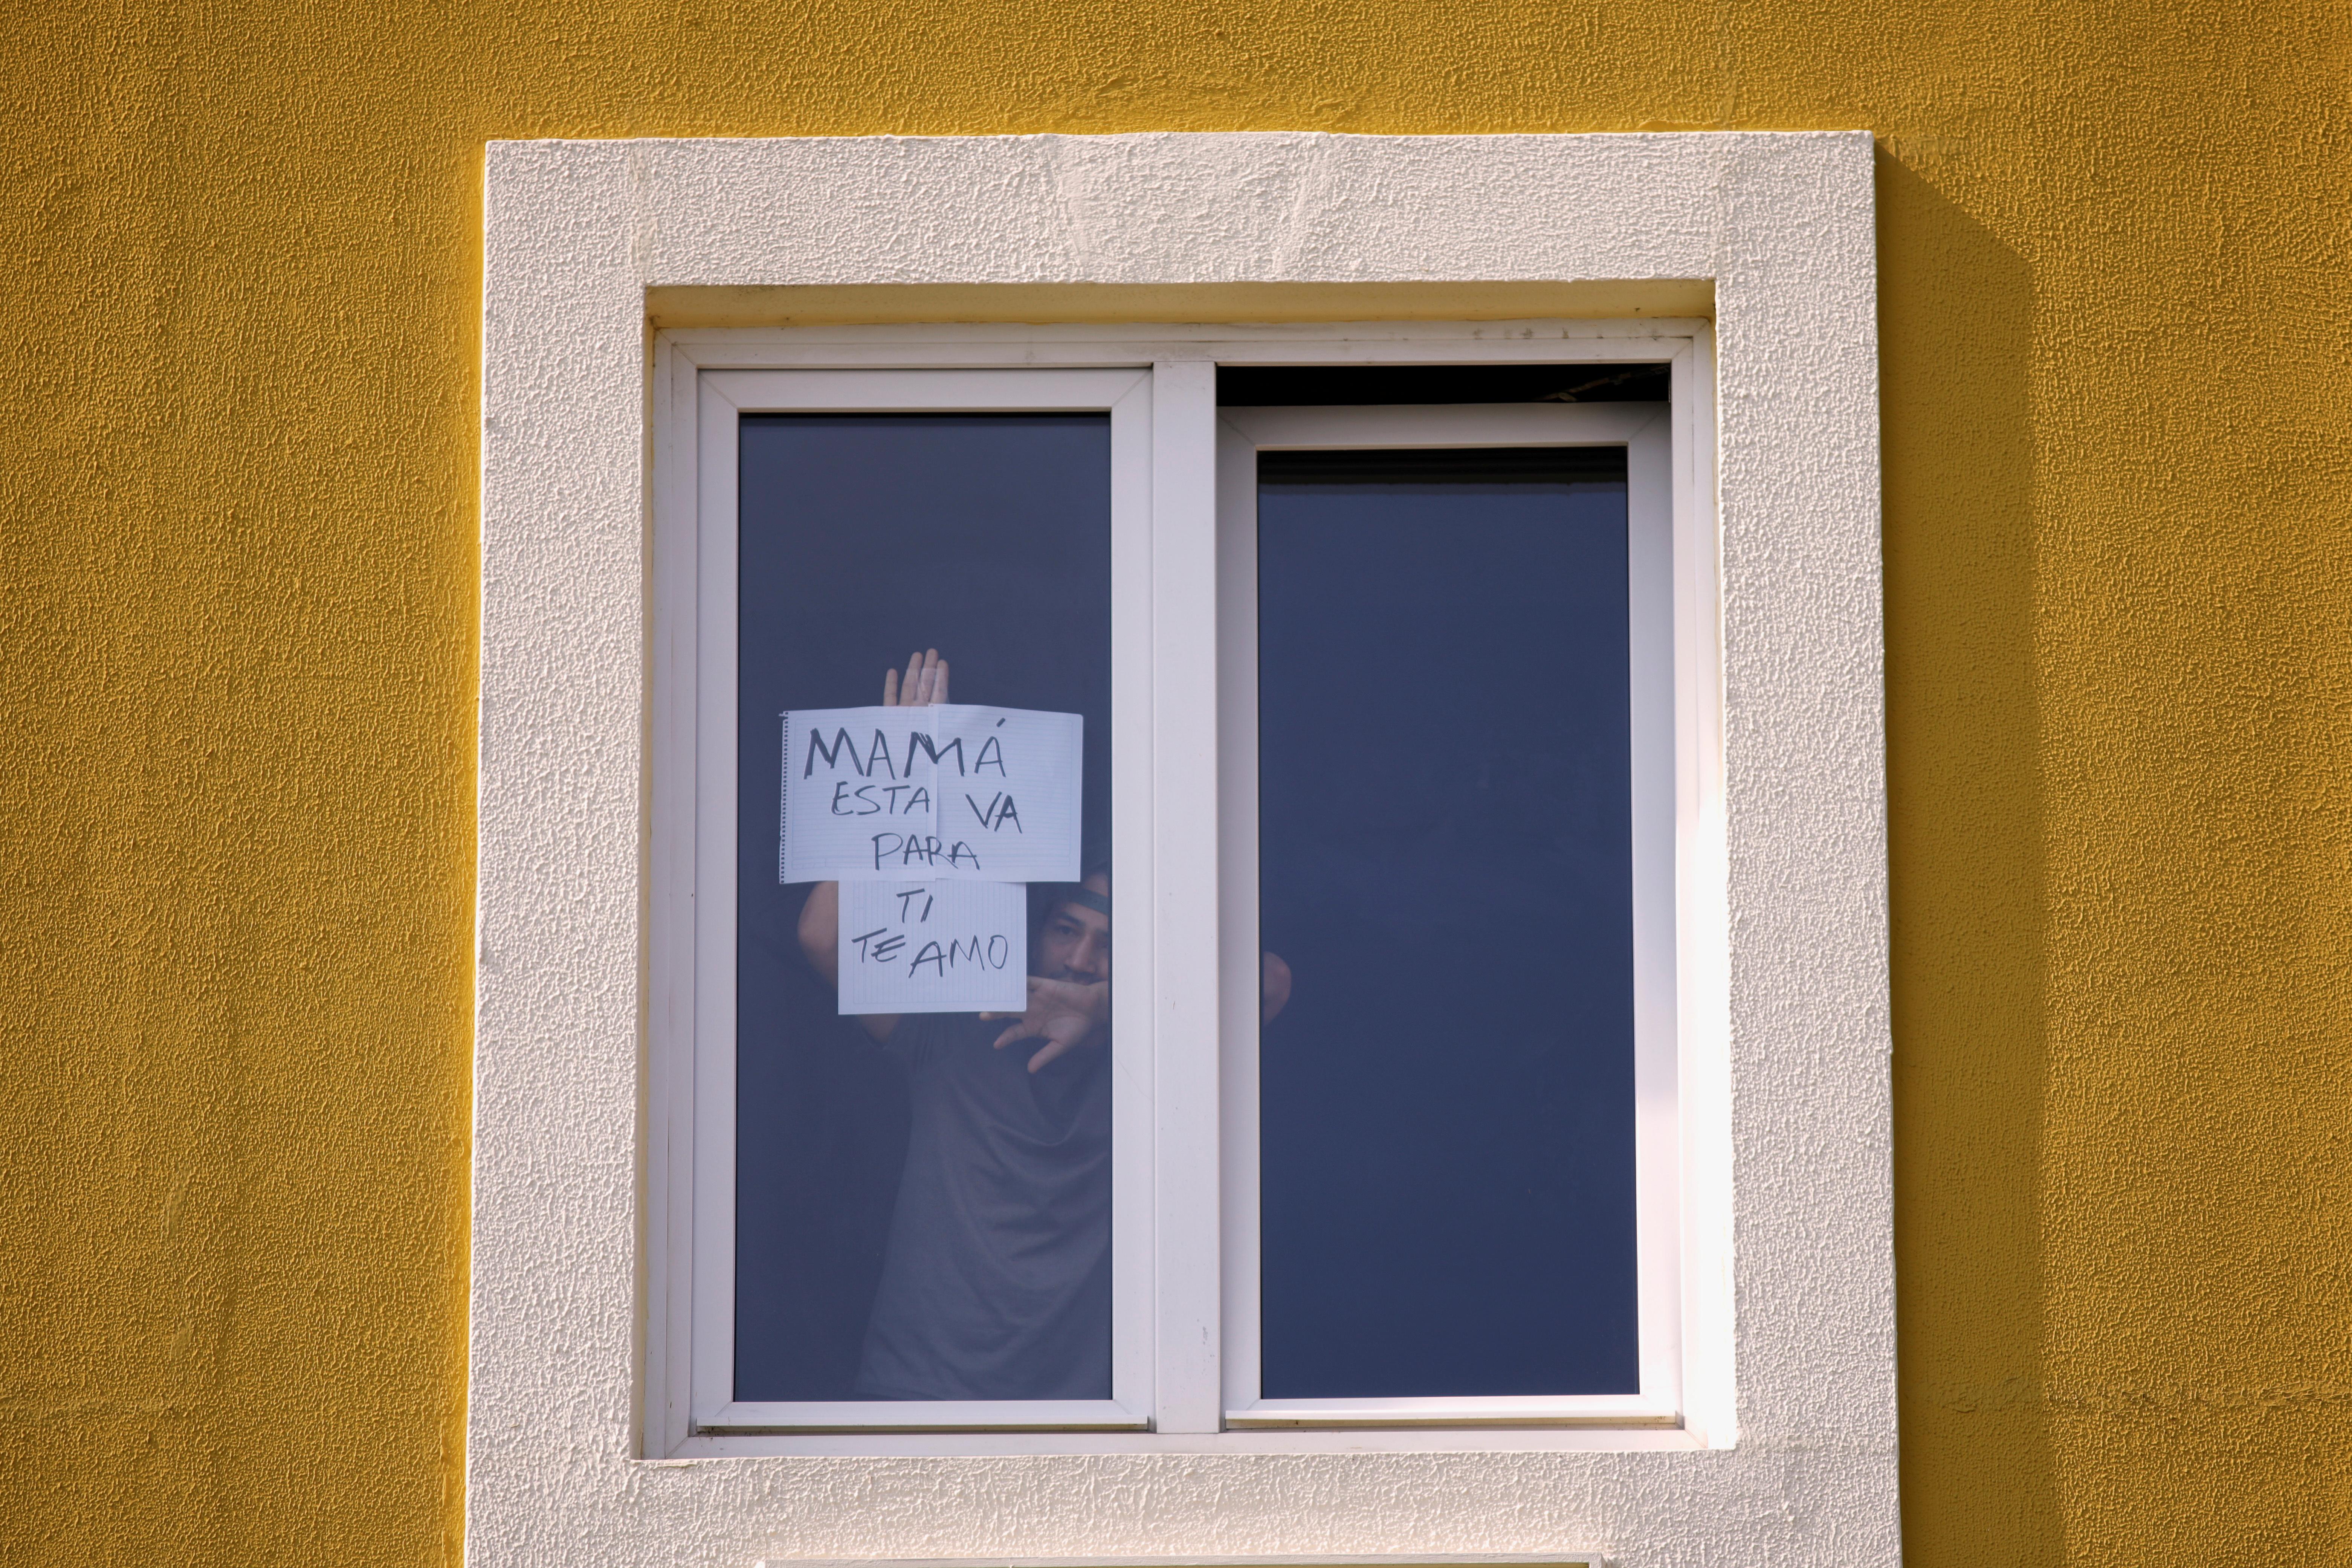 Un paciente aislado en un hotel, utilizado como centro de cuarentena, muestra un letrero que dice en español: